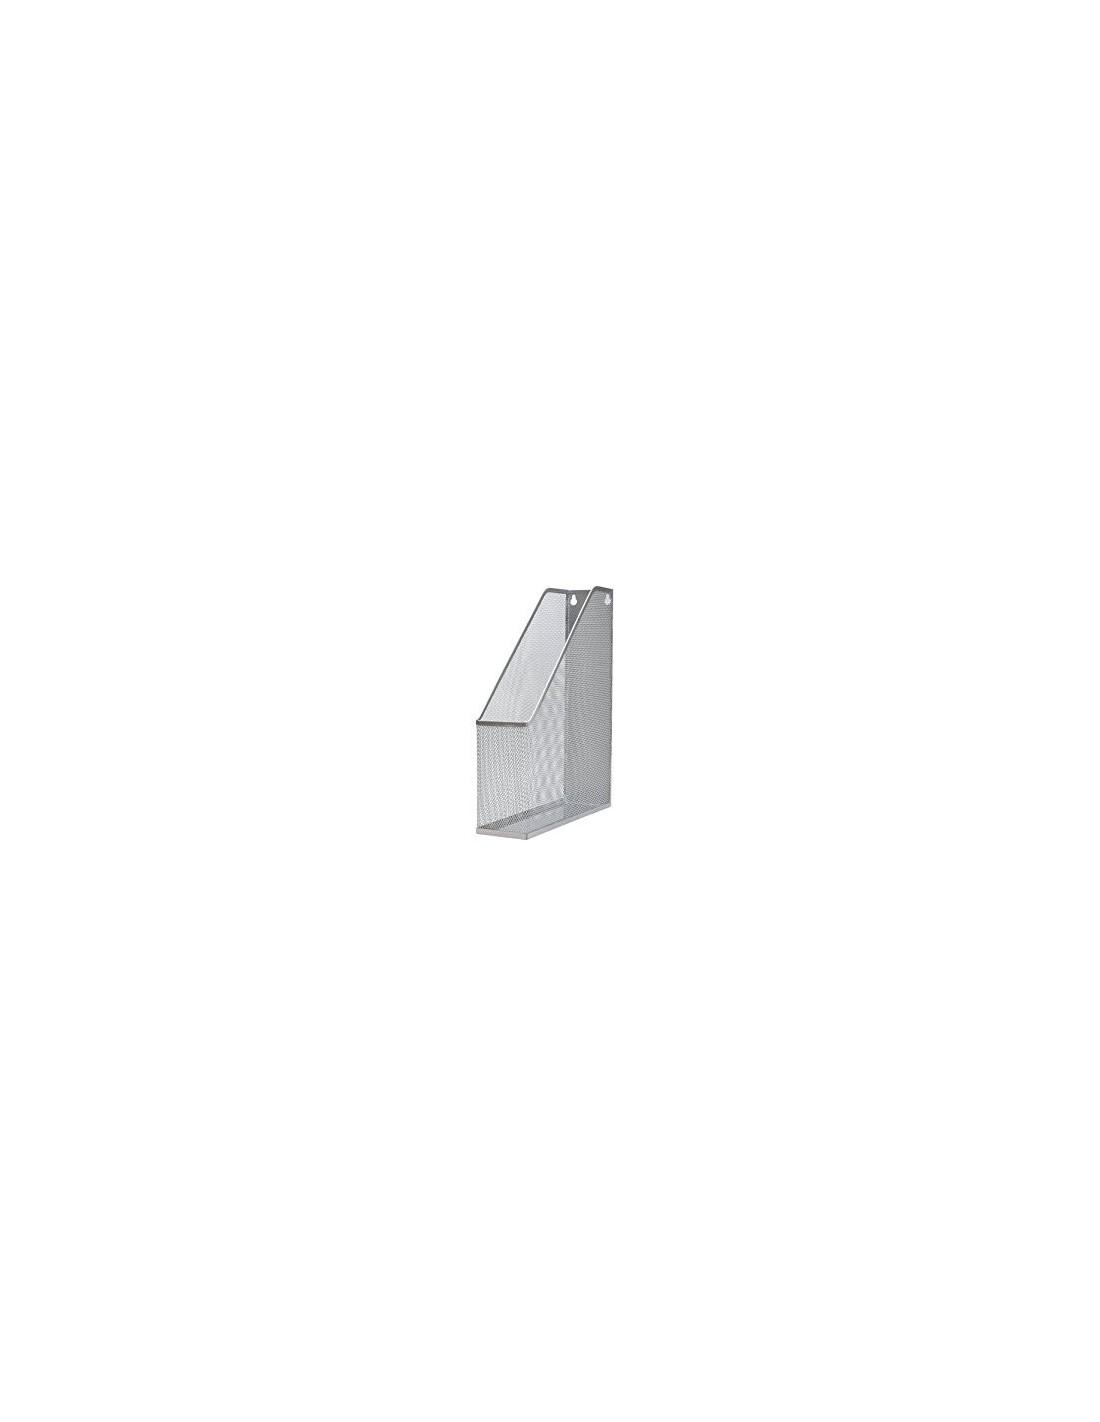 adatto a documenti in formato A4 Portadocumenti per ufficio a 3 ripiani in rete metallica argentata fogli App 35cm x 30cm x 26cm Silver lettere